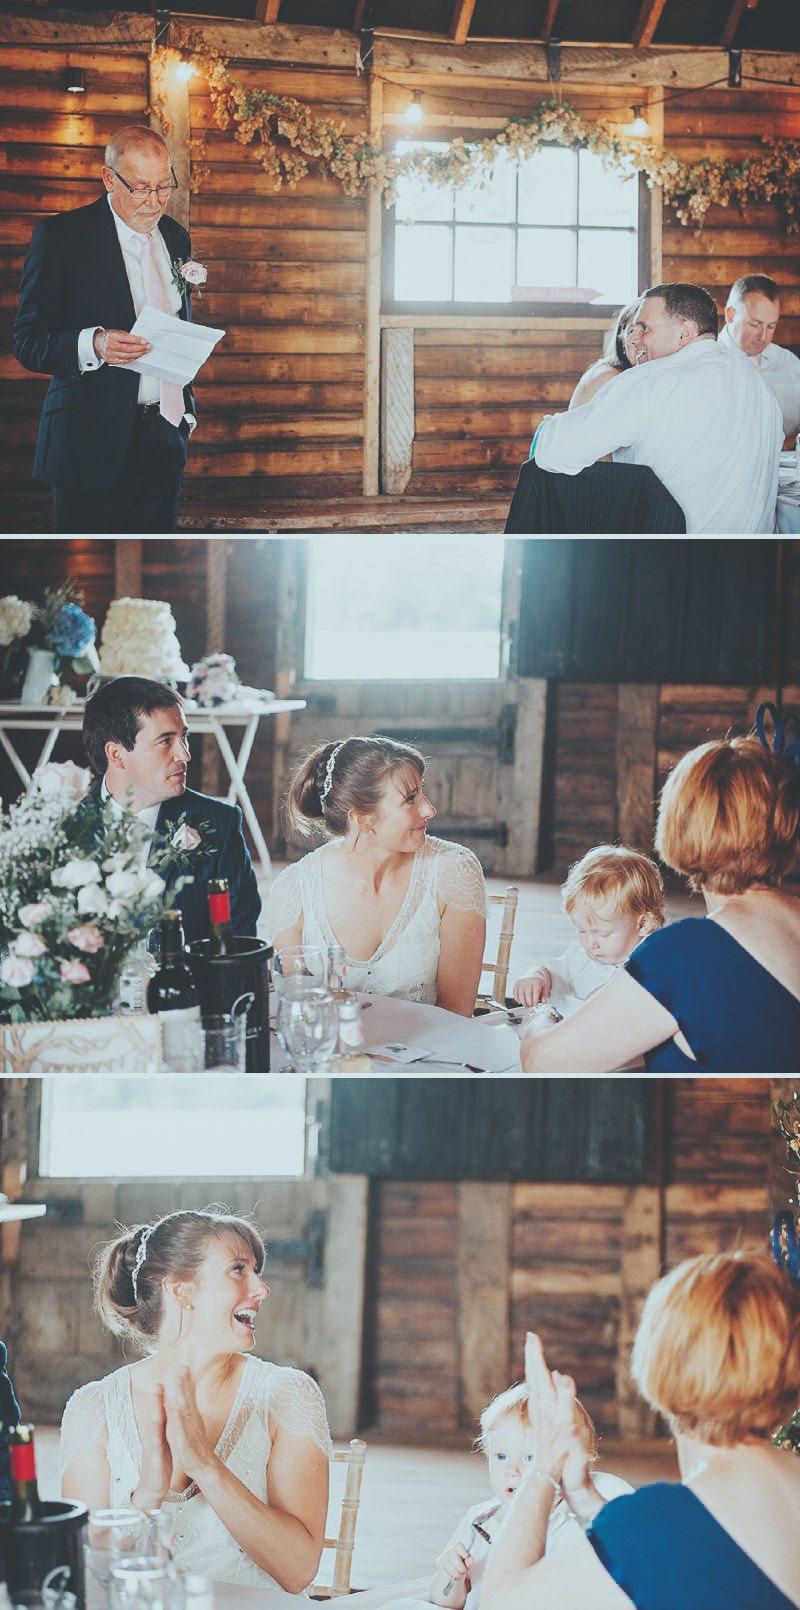 preston-court-vintage-wedding-kent-043.jpg